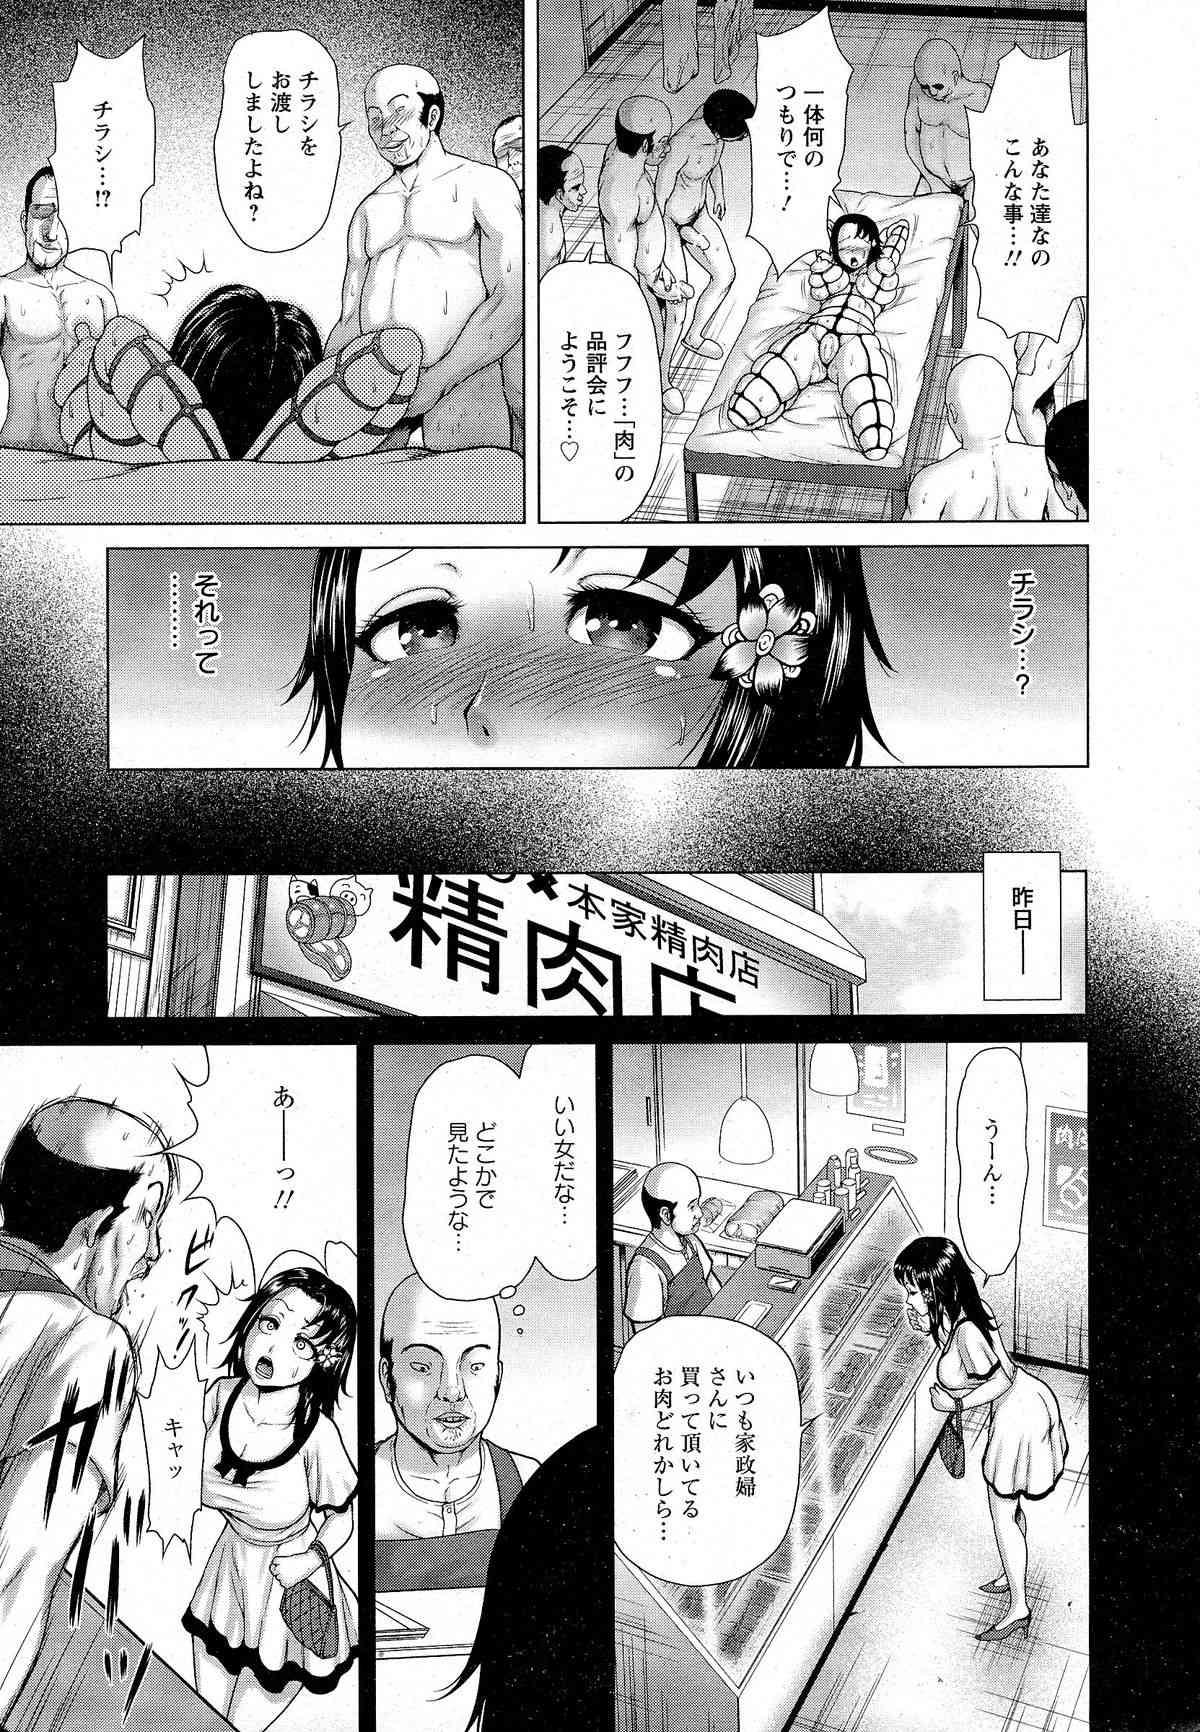 【エロ漫画】元バレリーナのムチムチ熟女が緊縛されボンレスハム状態にwww